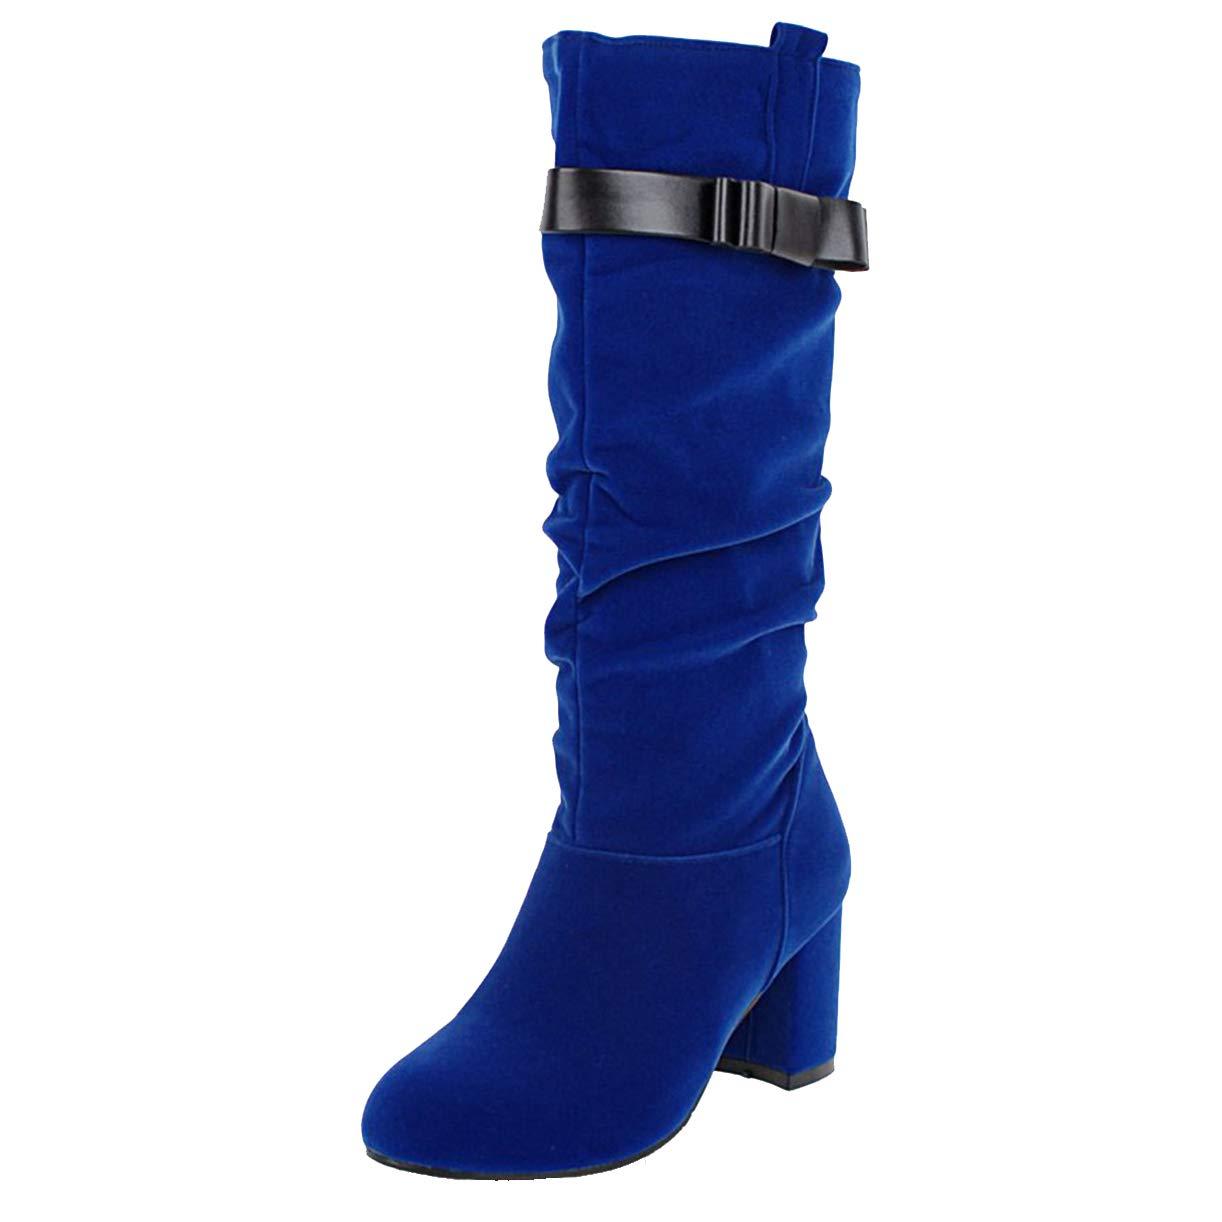 JYshoes , Bottes Bottes Souples , Femme Souples Bleu 139e3bd - reprogrammed.space